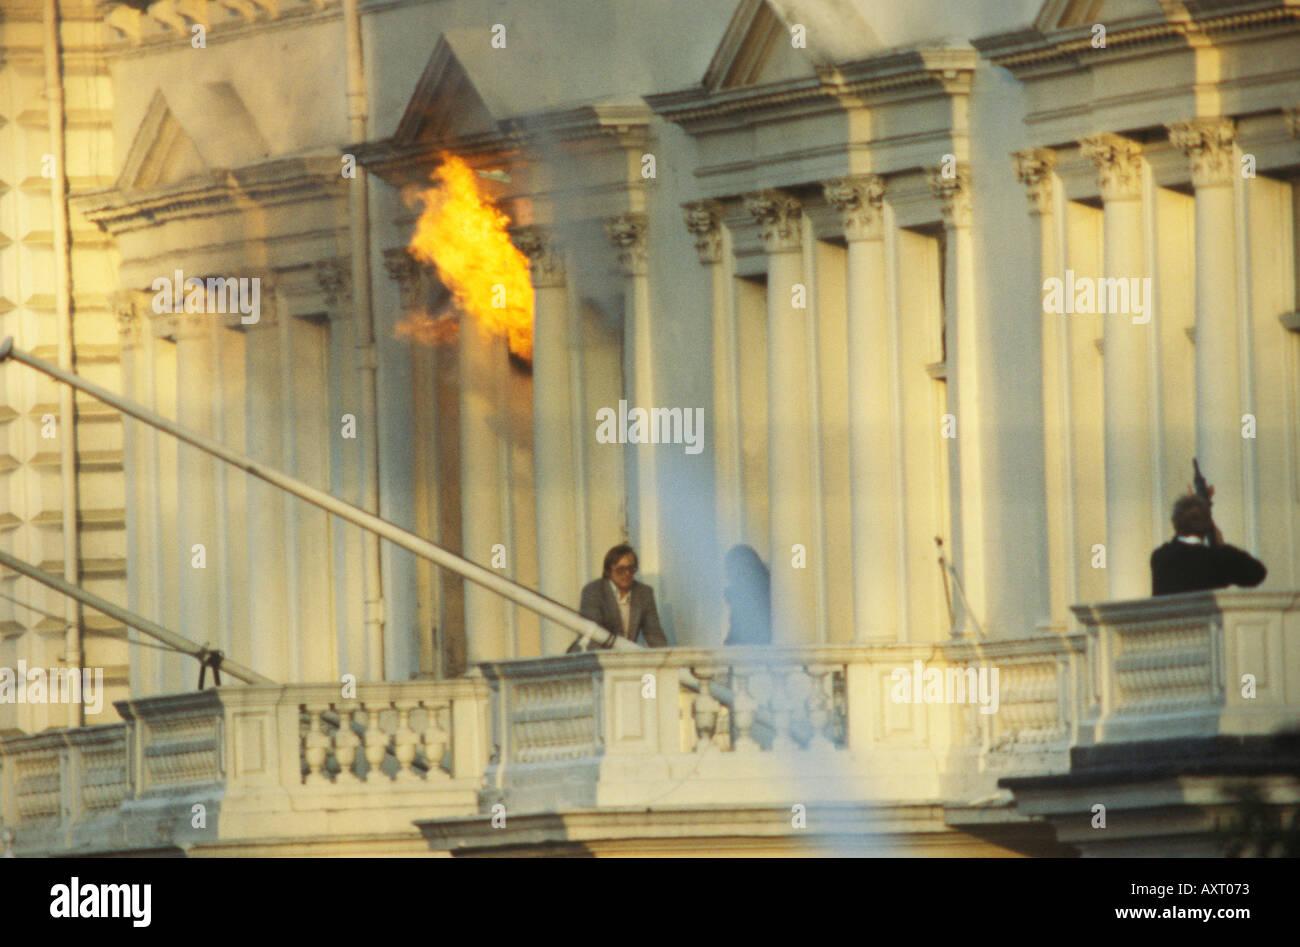 Asedio a la embajada de Irán el 5 de mayo de 1980, Londres, Reino Unido 1980 UK Circa 1985 Homero SYKES Imagen De Stock